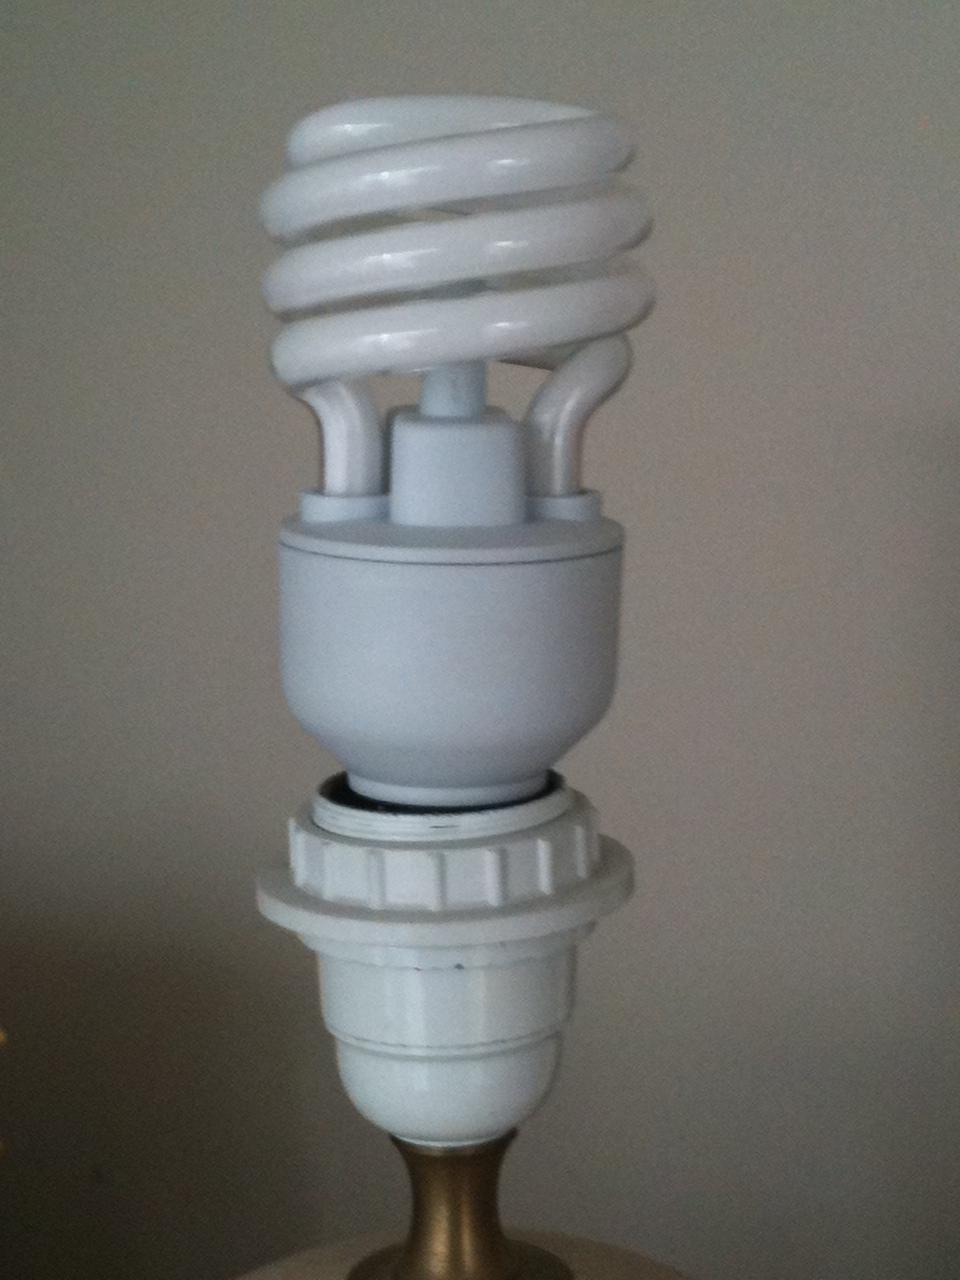 Comment choisir une ampoule pour votre lampe domotis e - Comment choisir une ampoule ...